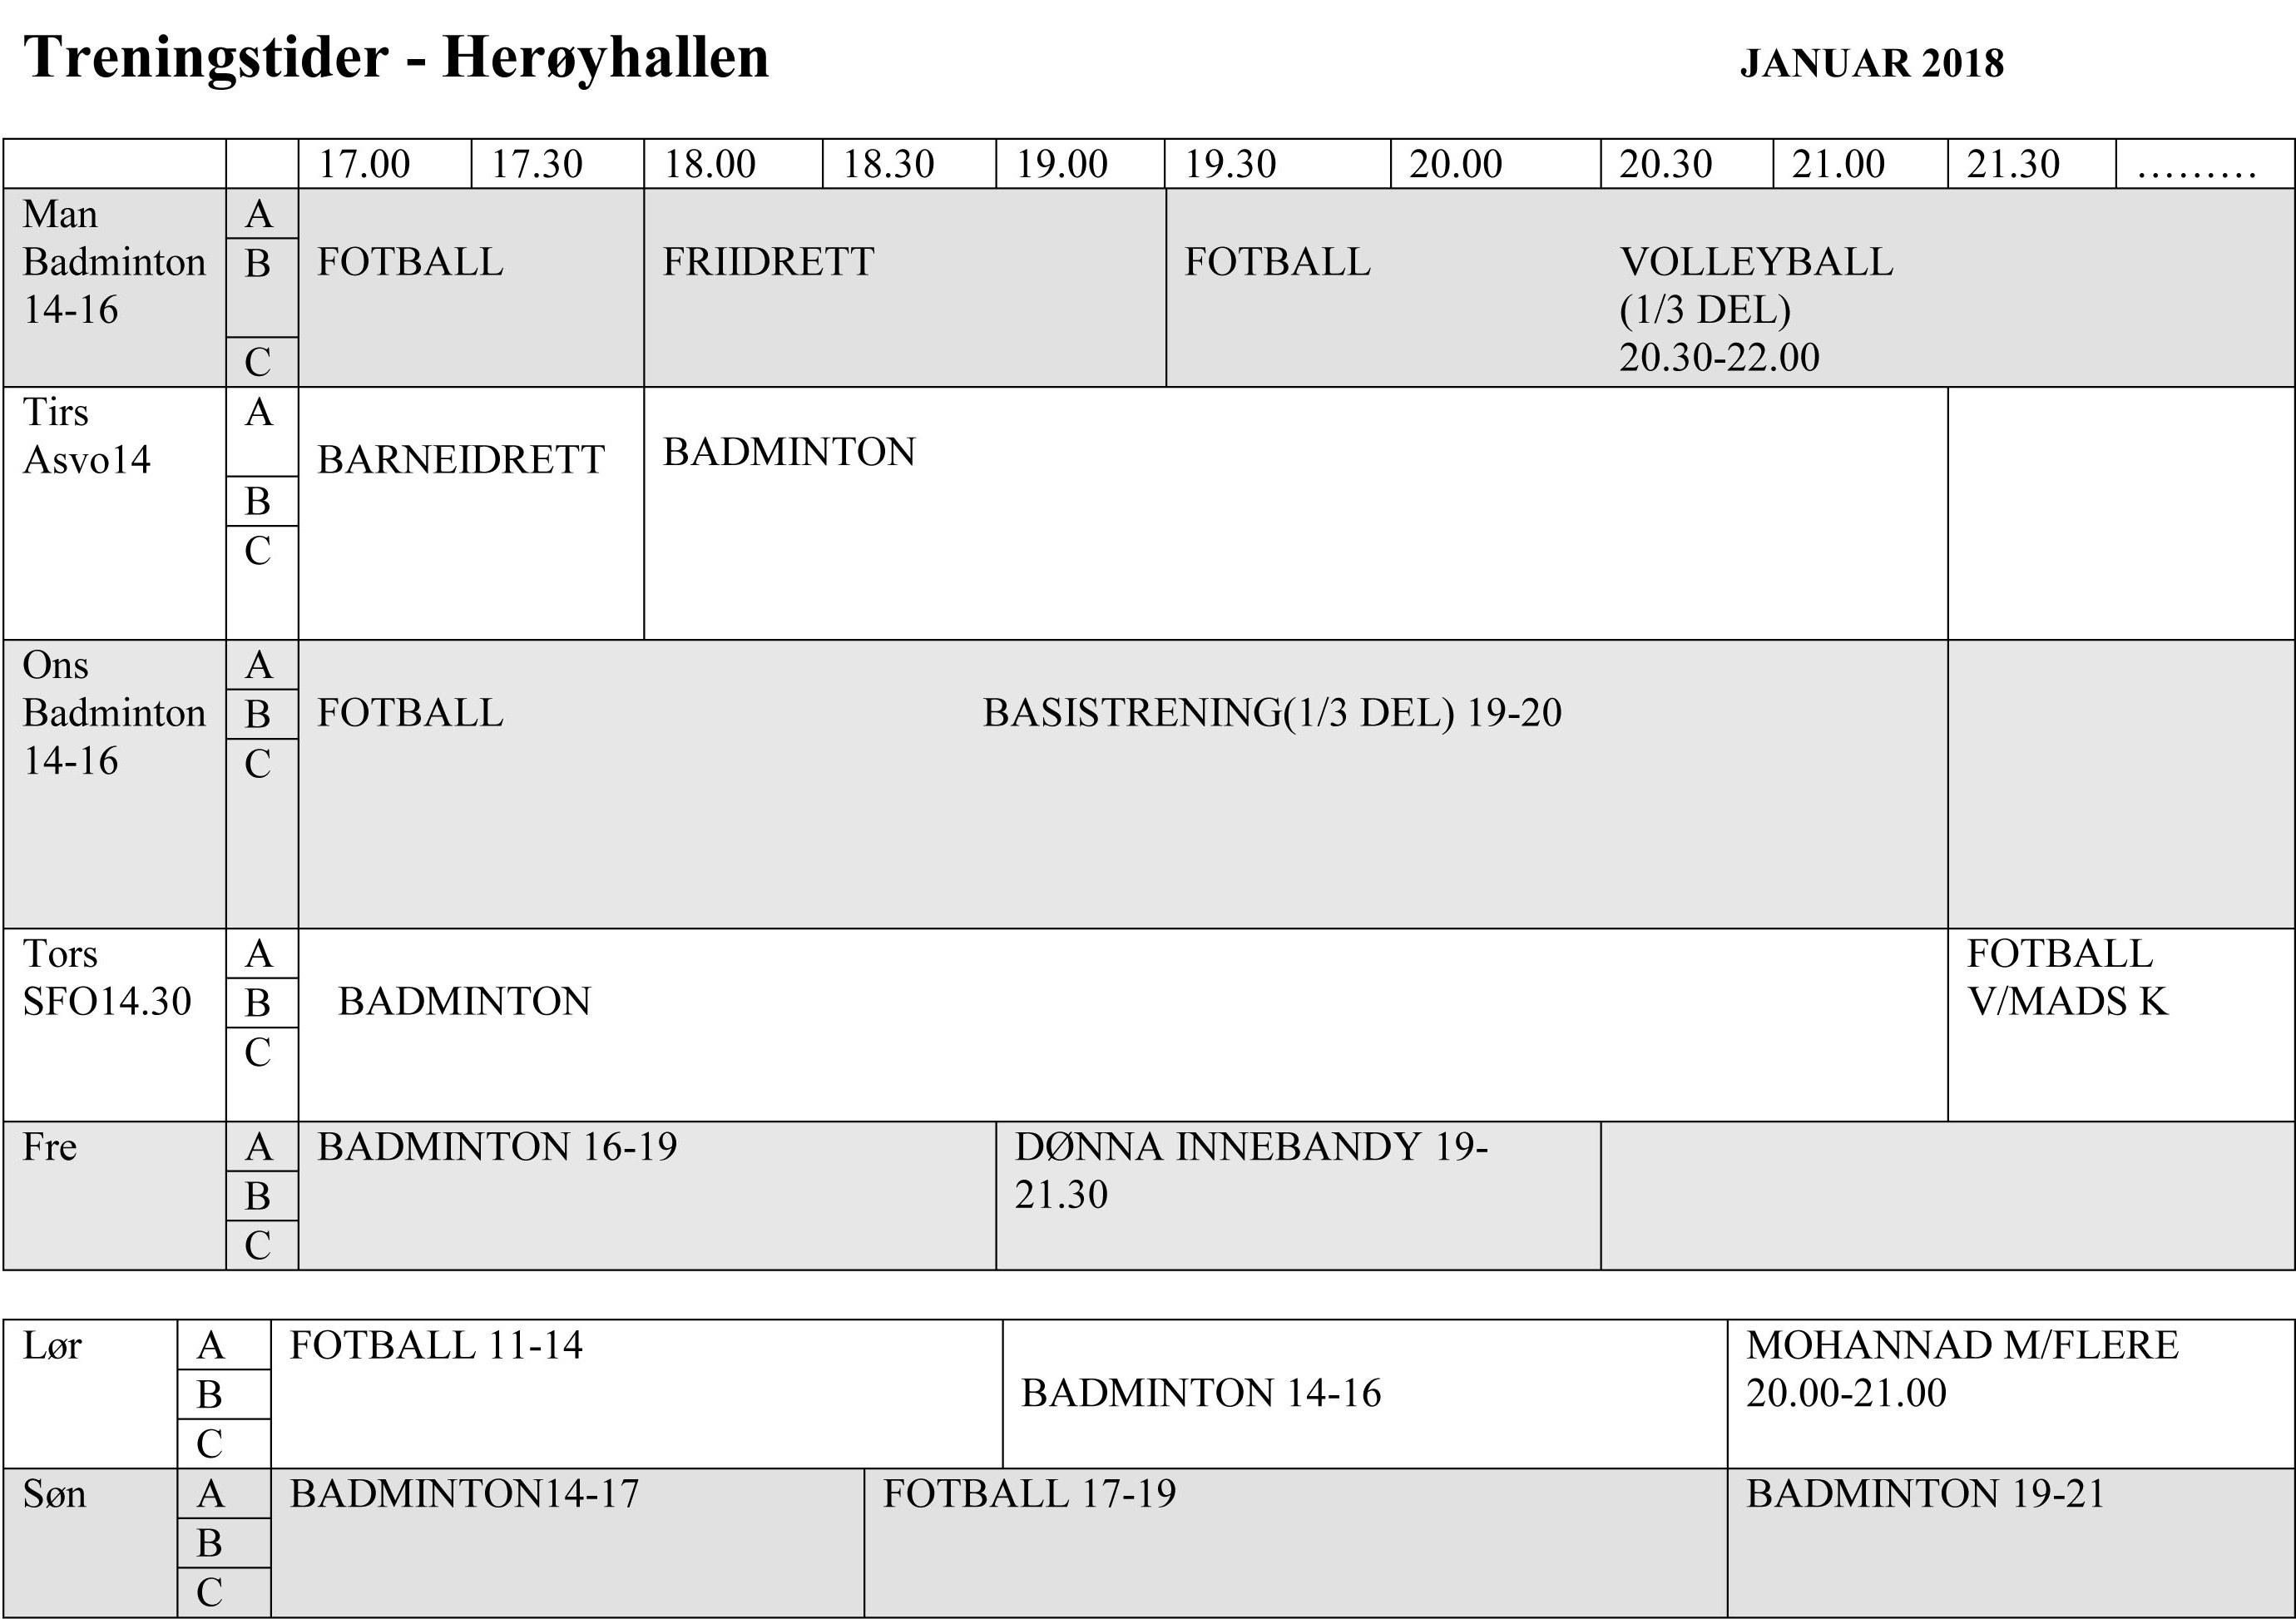 Treningstider Herøyhallen januar 2018.jpg